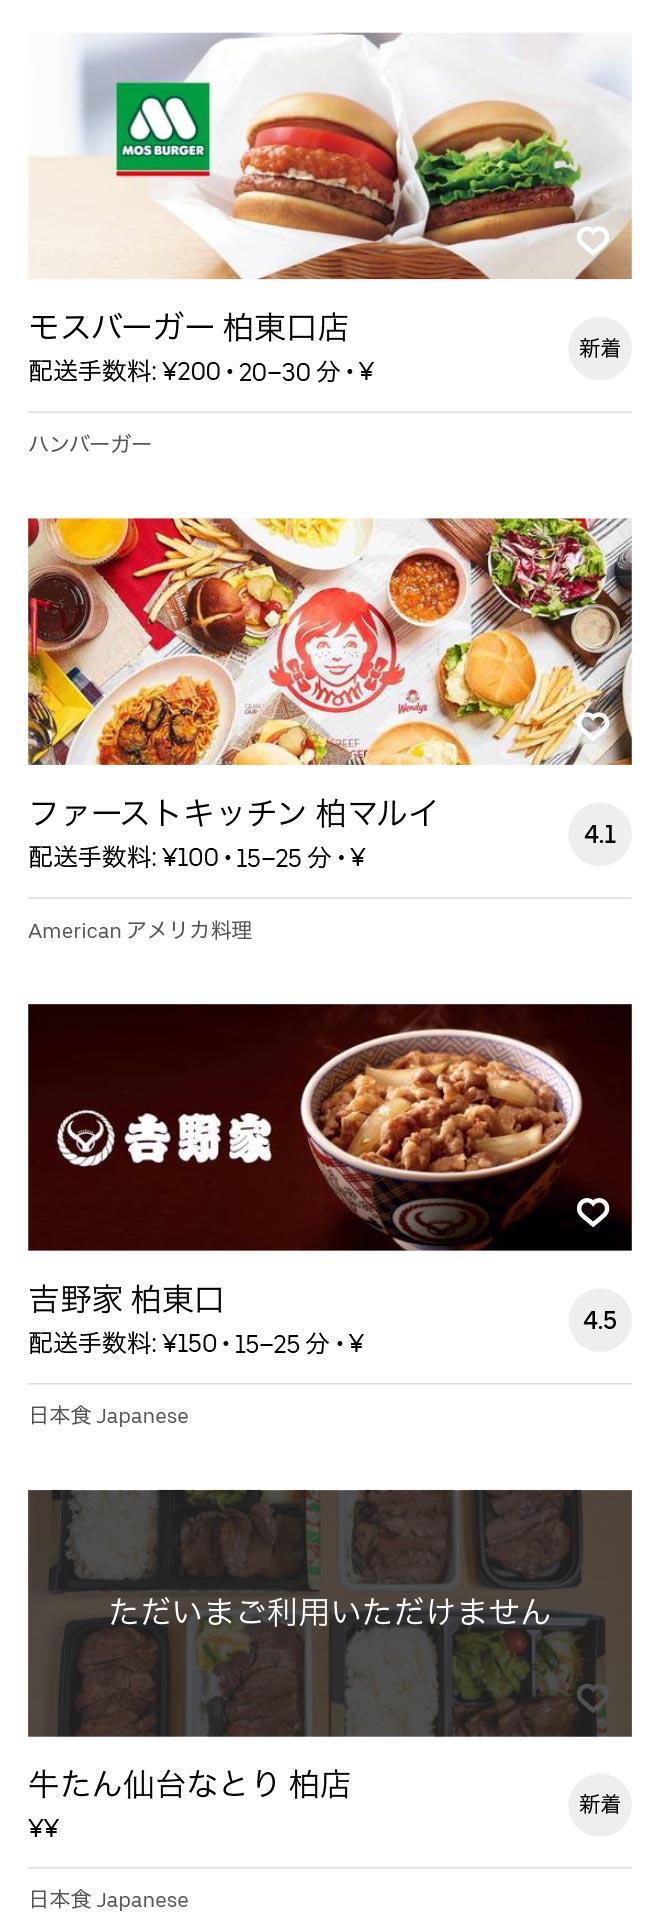 Kashiwa menu 2007 06